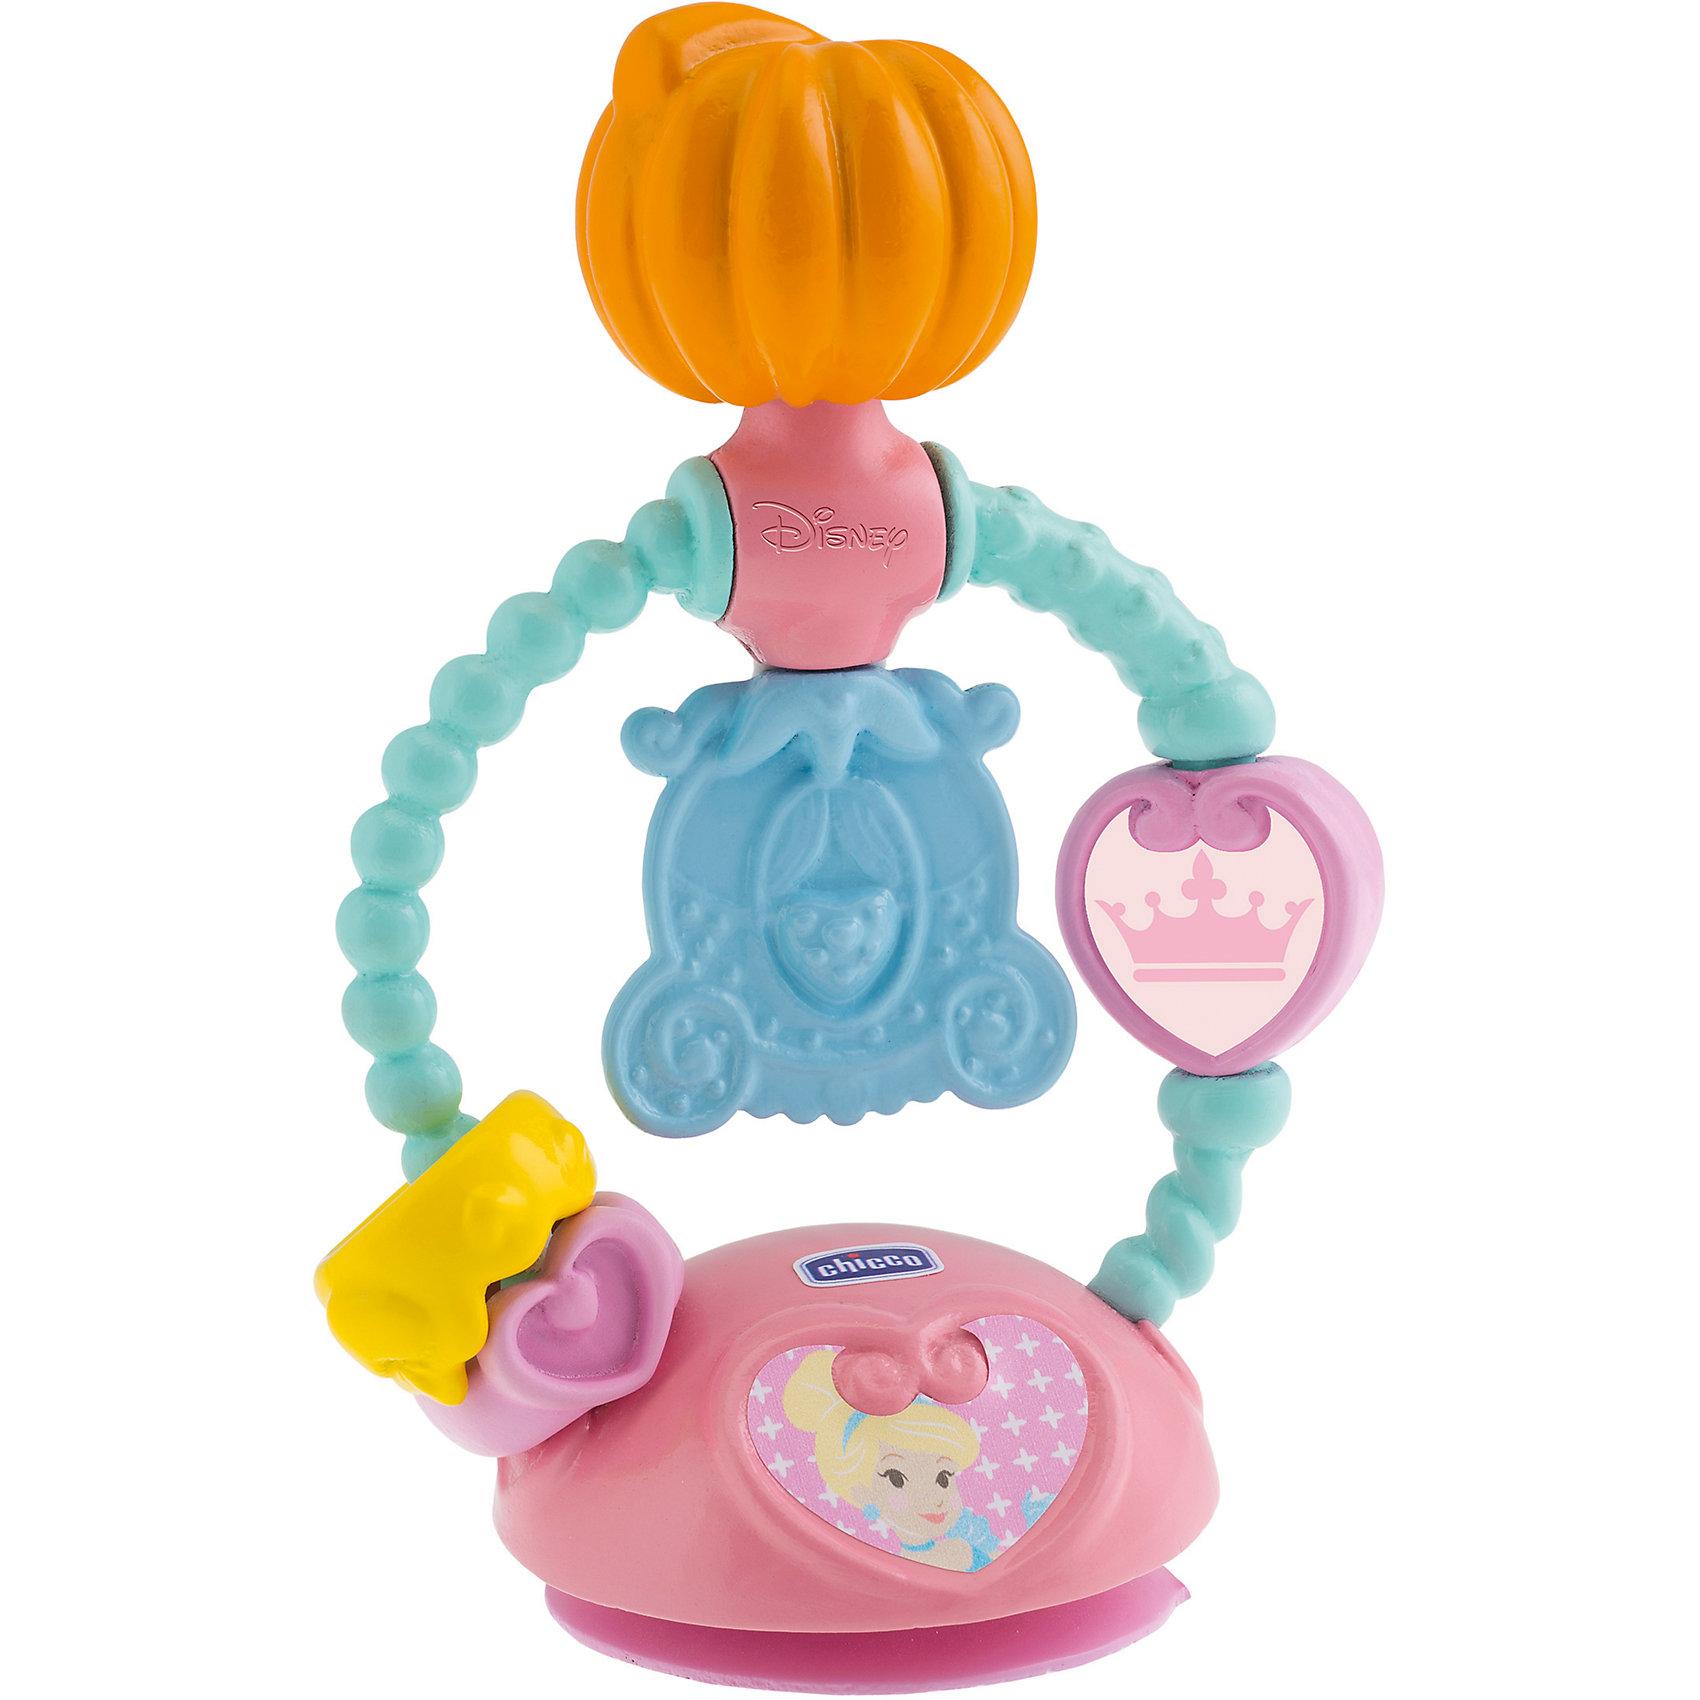 Игрушка для стульчика Золушка, ChiccoПринцессы Дисней<br>Игрушка для стульчика Золушка, Chicco (Чико) прекрасно развивает мелкую моторику и координацию движений рук, а с Золушкой это еще и так весело! Малышке будет интересно вращать часики, перемещать вверх-вниз корону и кольцо, вертеть тыкву и карету, которые издают звенящие звуки. Благодаря практичной присоске игрушка надежно крепится на стульчике для кормления.<br><br>Дополнительная информация:<br>-Материалы: пластик<br><br>Игрушка для стульчика Золушка, Chicco (Чико) можно купить в нашем магазине.<br><br>Ширина мм: 166<br>Глубина мм: 229<br>Высота мм: 83<br>Вес г: 124<br>Возраст от месяцев: 6<br>Возраст до месяцев: 36<br>Пол: Женский<br>Возраст: Детский<br>SKU: 4123490